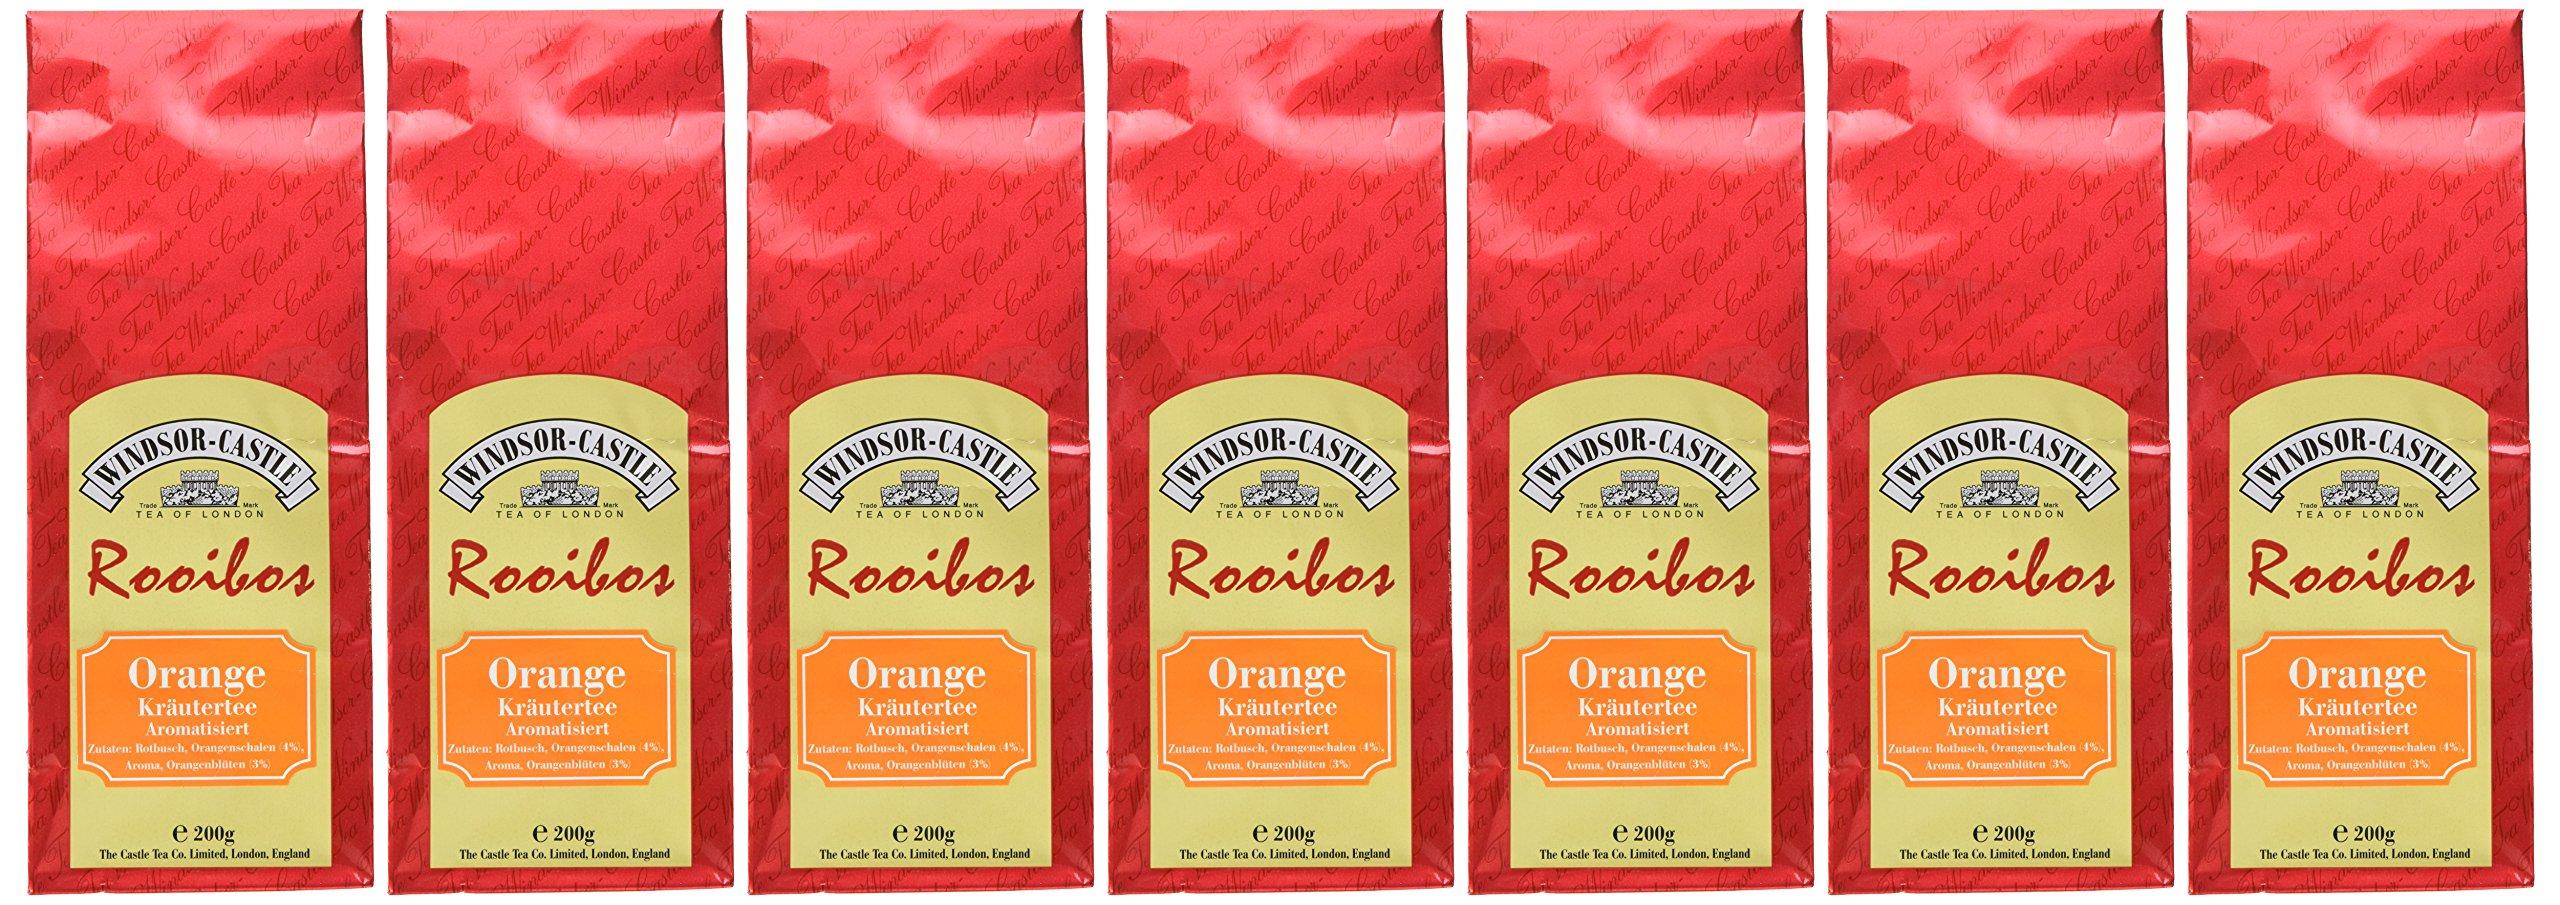 Windsor-Castle-Rooibos-Orange-7er-Pack-7-x-237-g